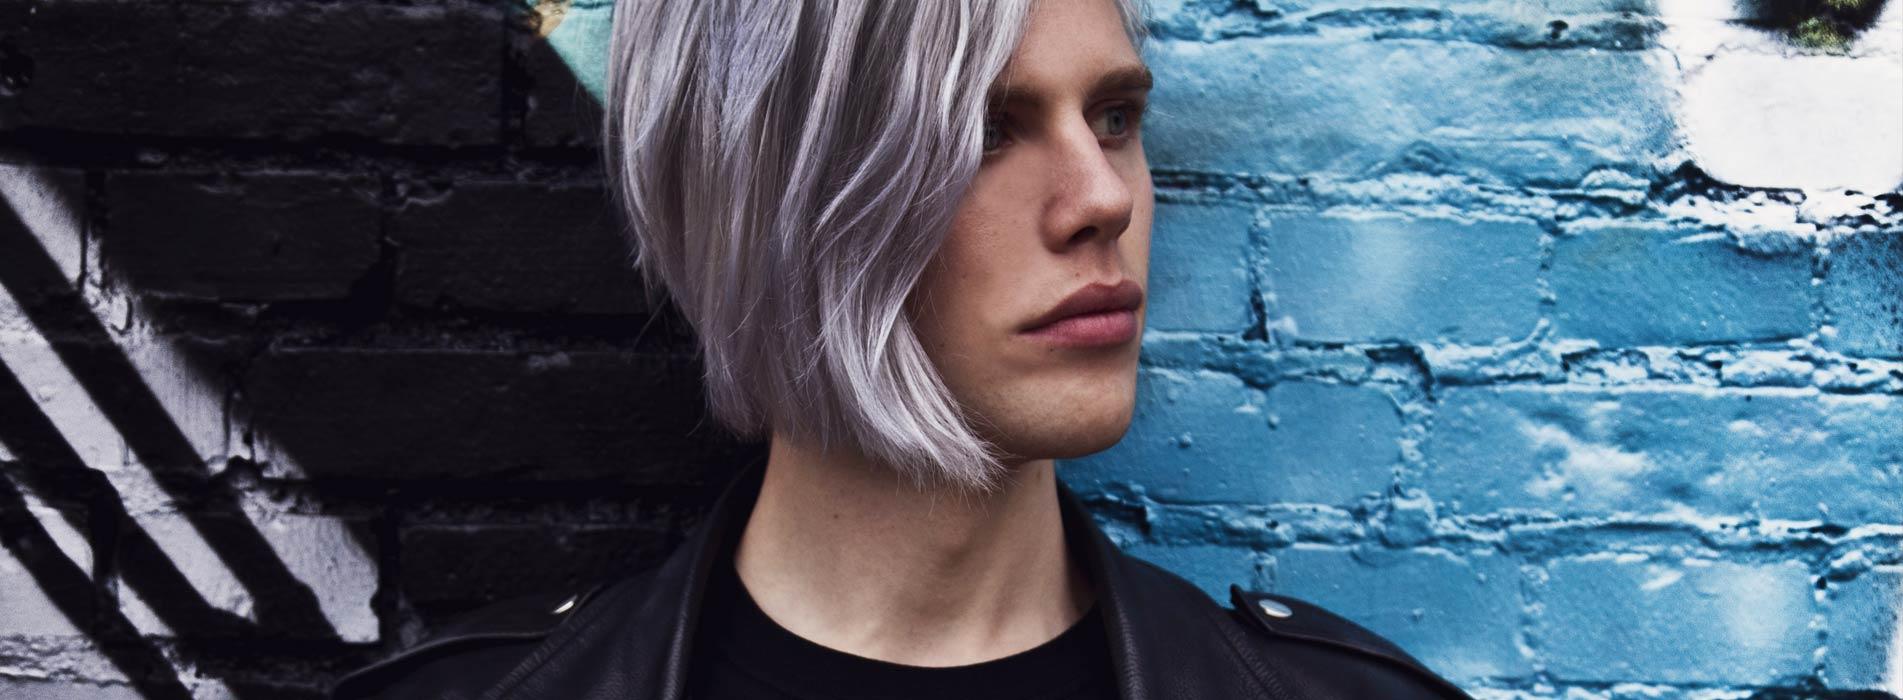 blanda grå hårfärg